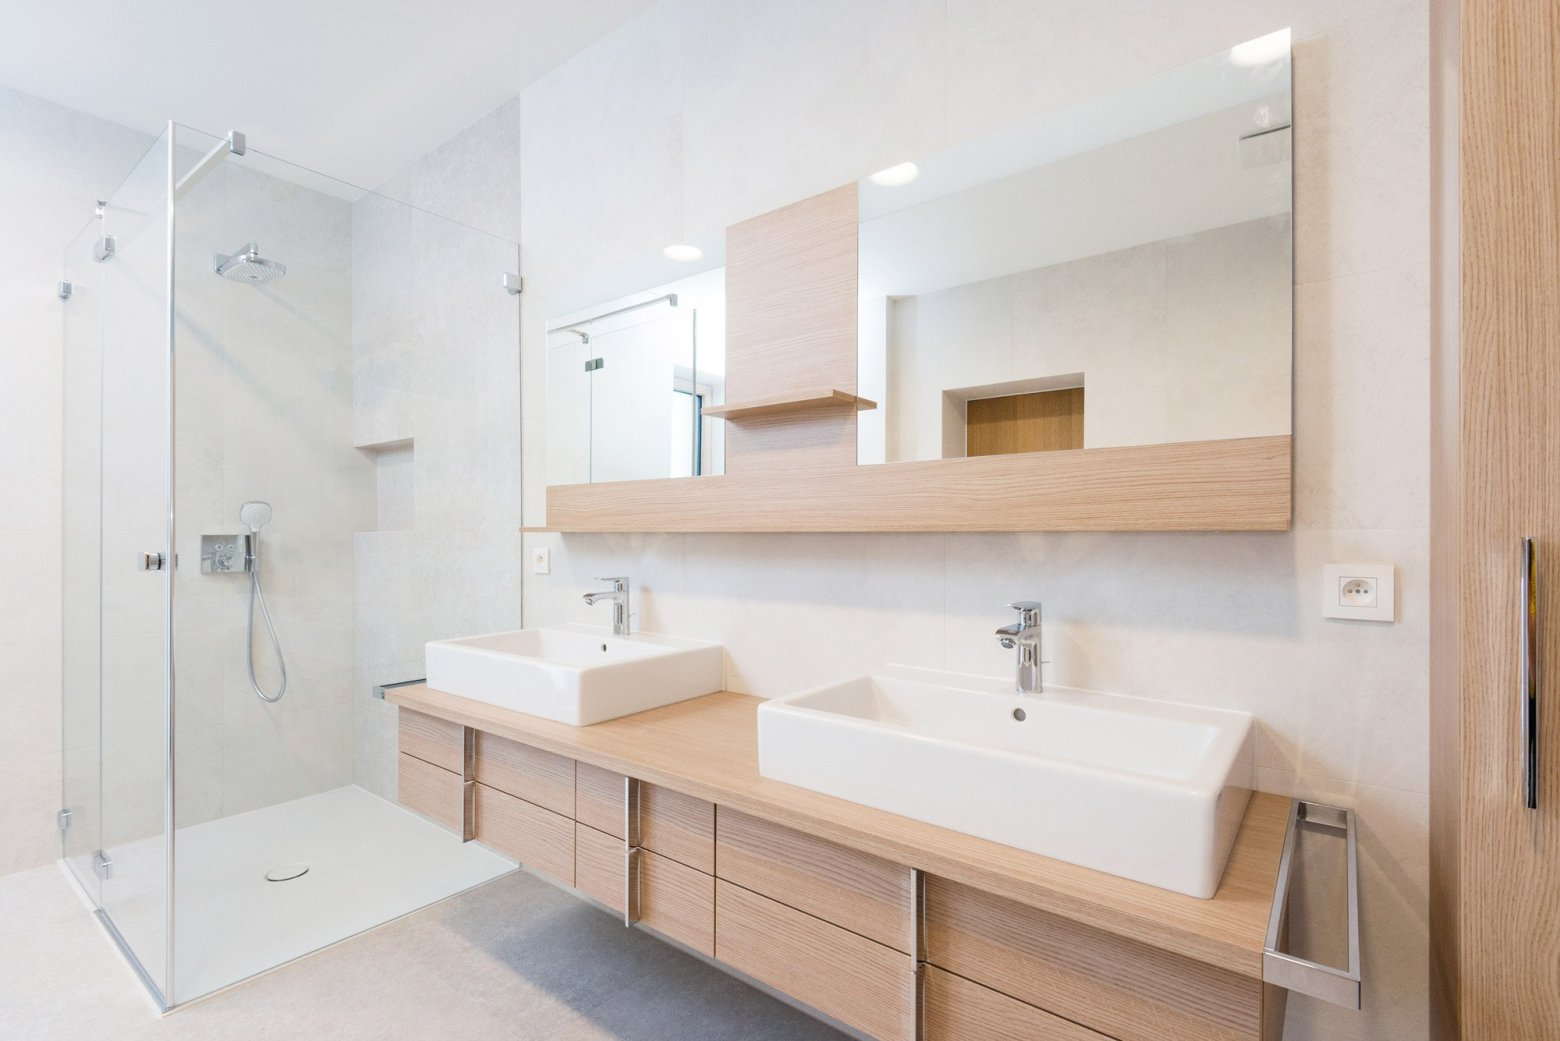 Badkamer Renovatie Limburg : Badkamerrenovaties van calster voor en na